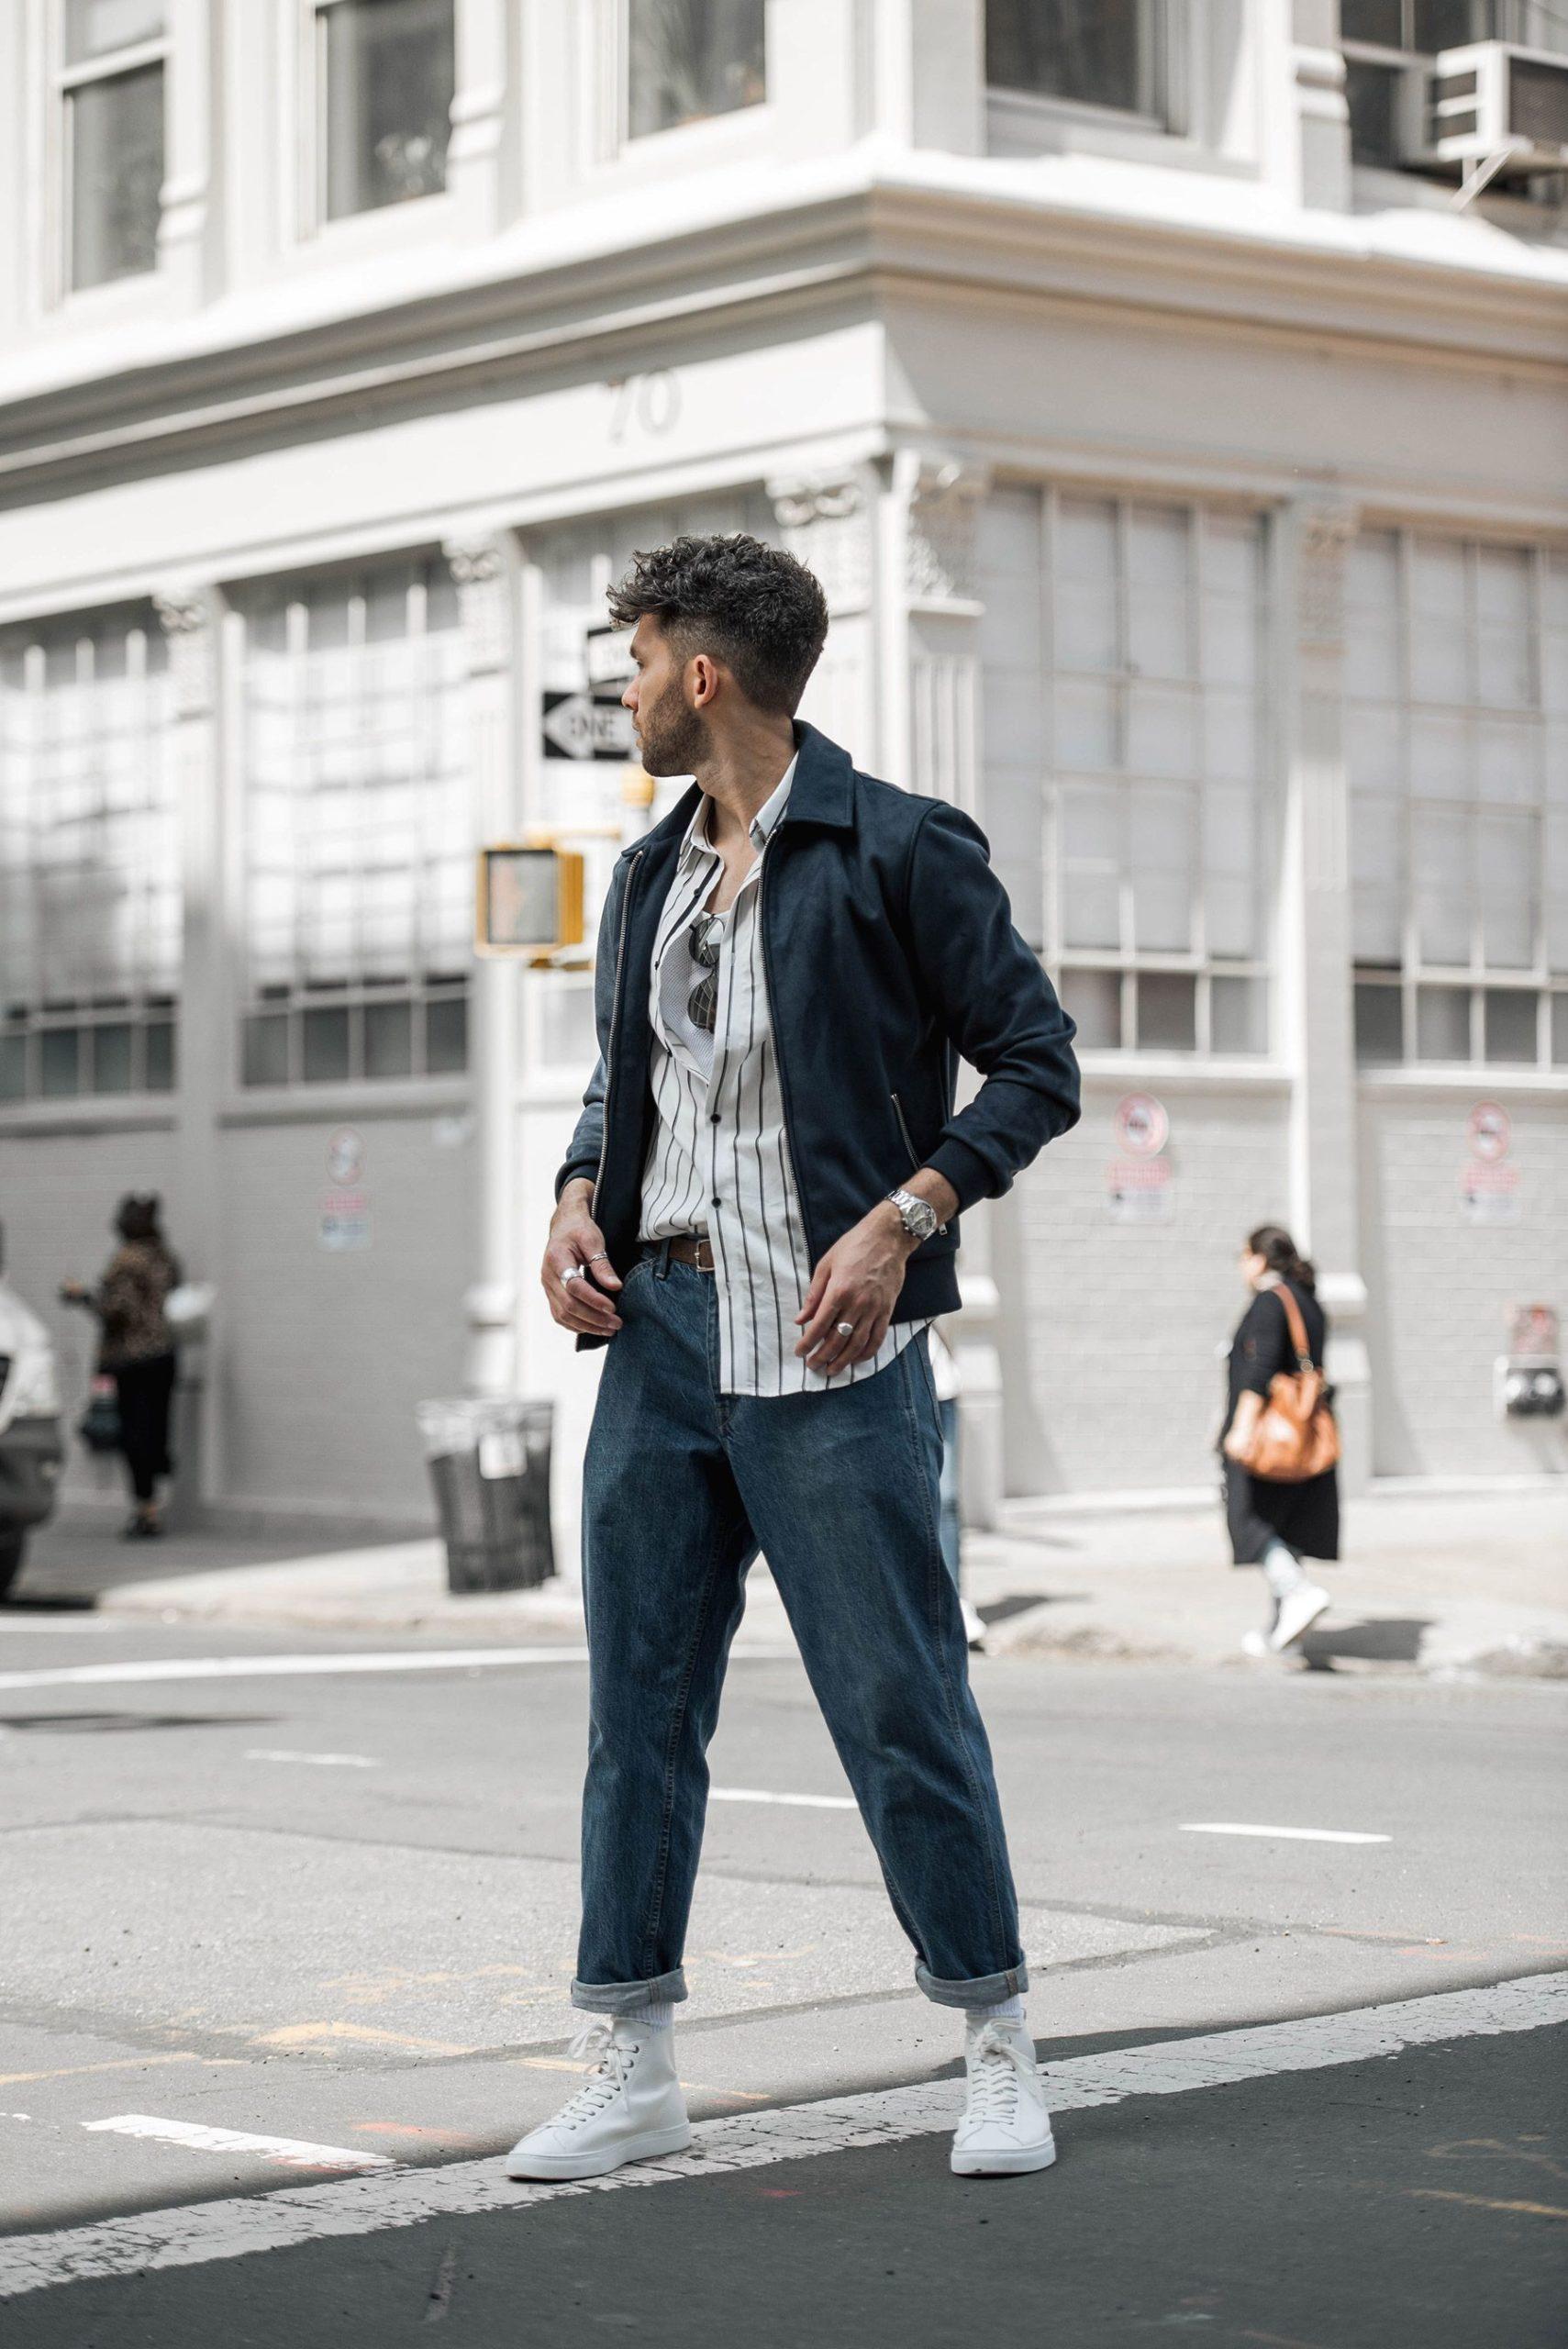 baggy men-jeans look